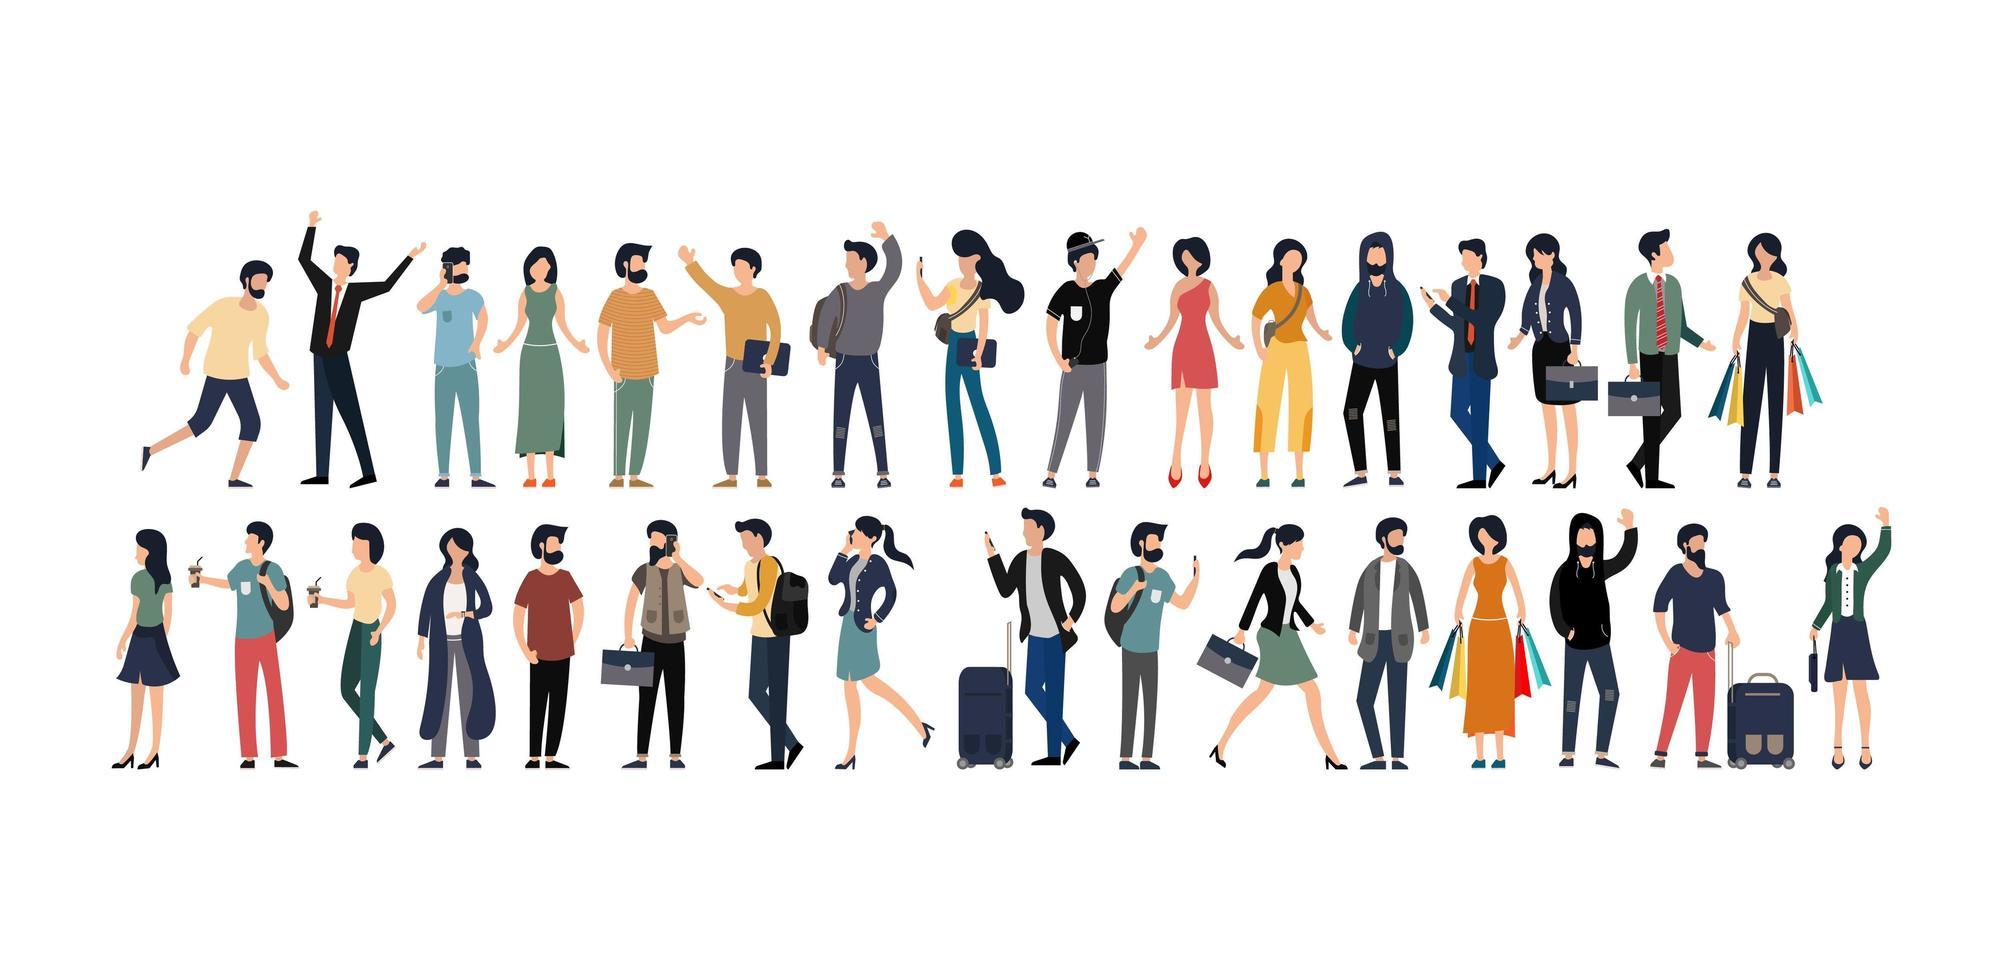 Gruppe junger Männer und Frauen in verschiedenen Berufen vektor